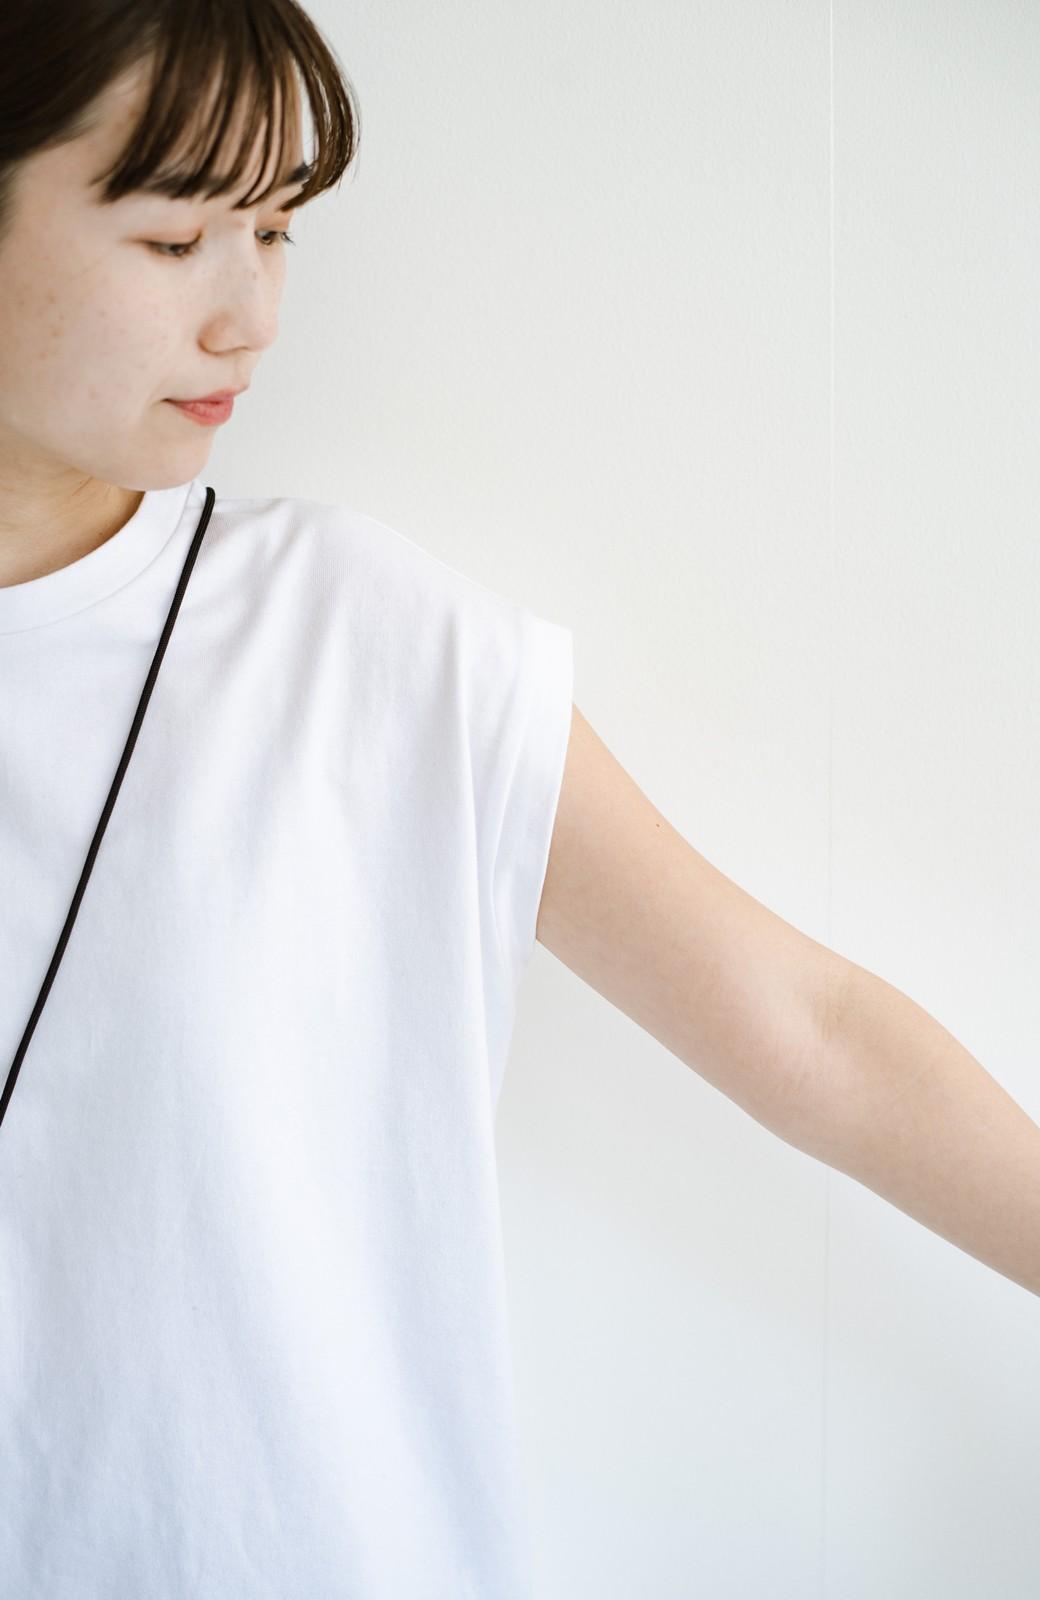 haco! 迷った朝はこれ着よう!元気が出るきれい色パンツにちょい袖大人Tシャツを合わせておいた作り置きコーデセット by que made me <その他>の商品写真17